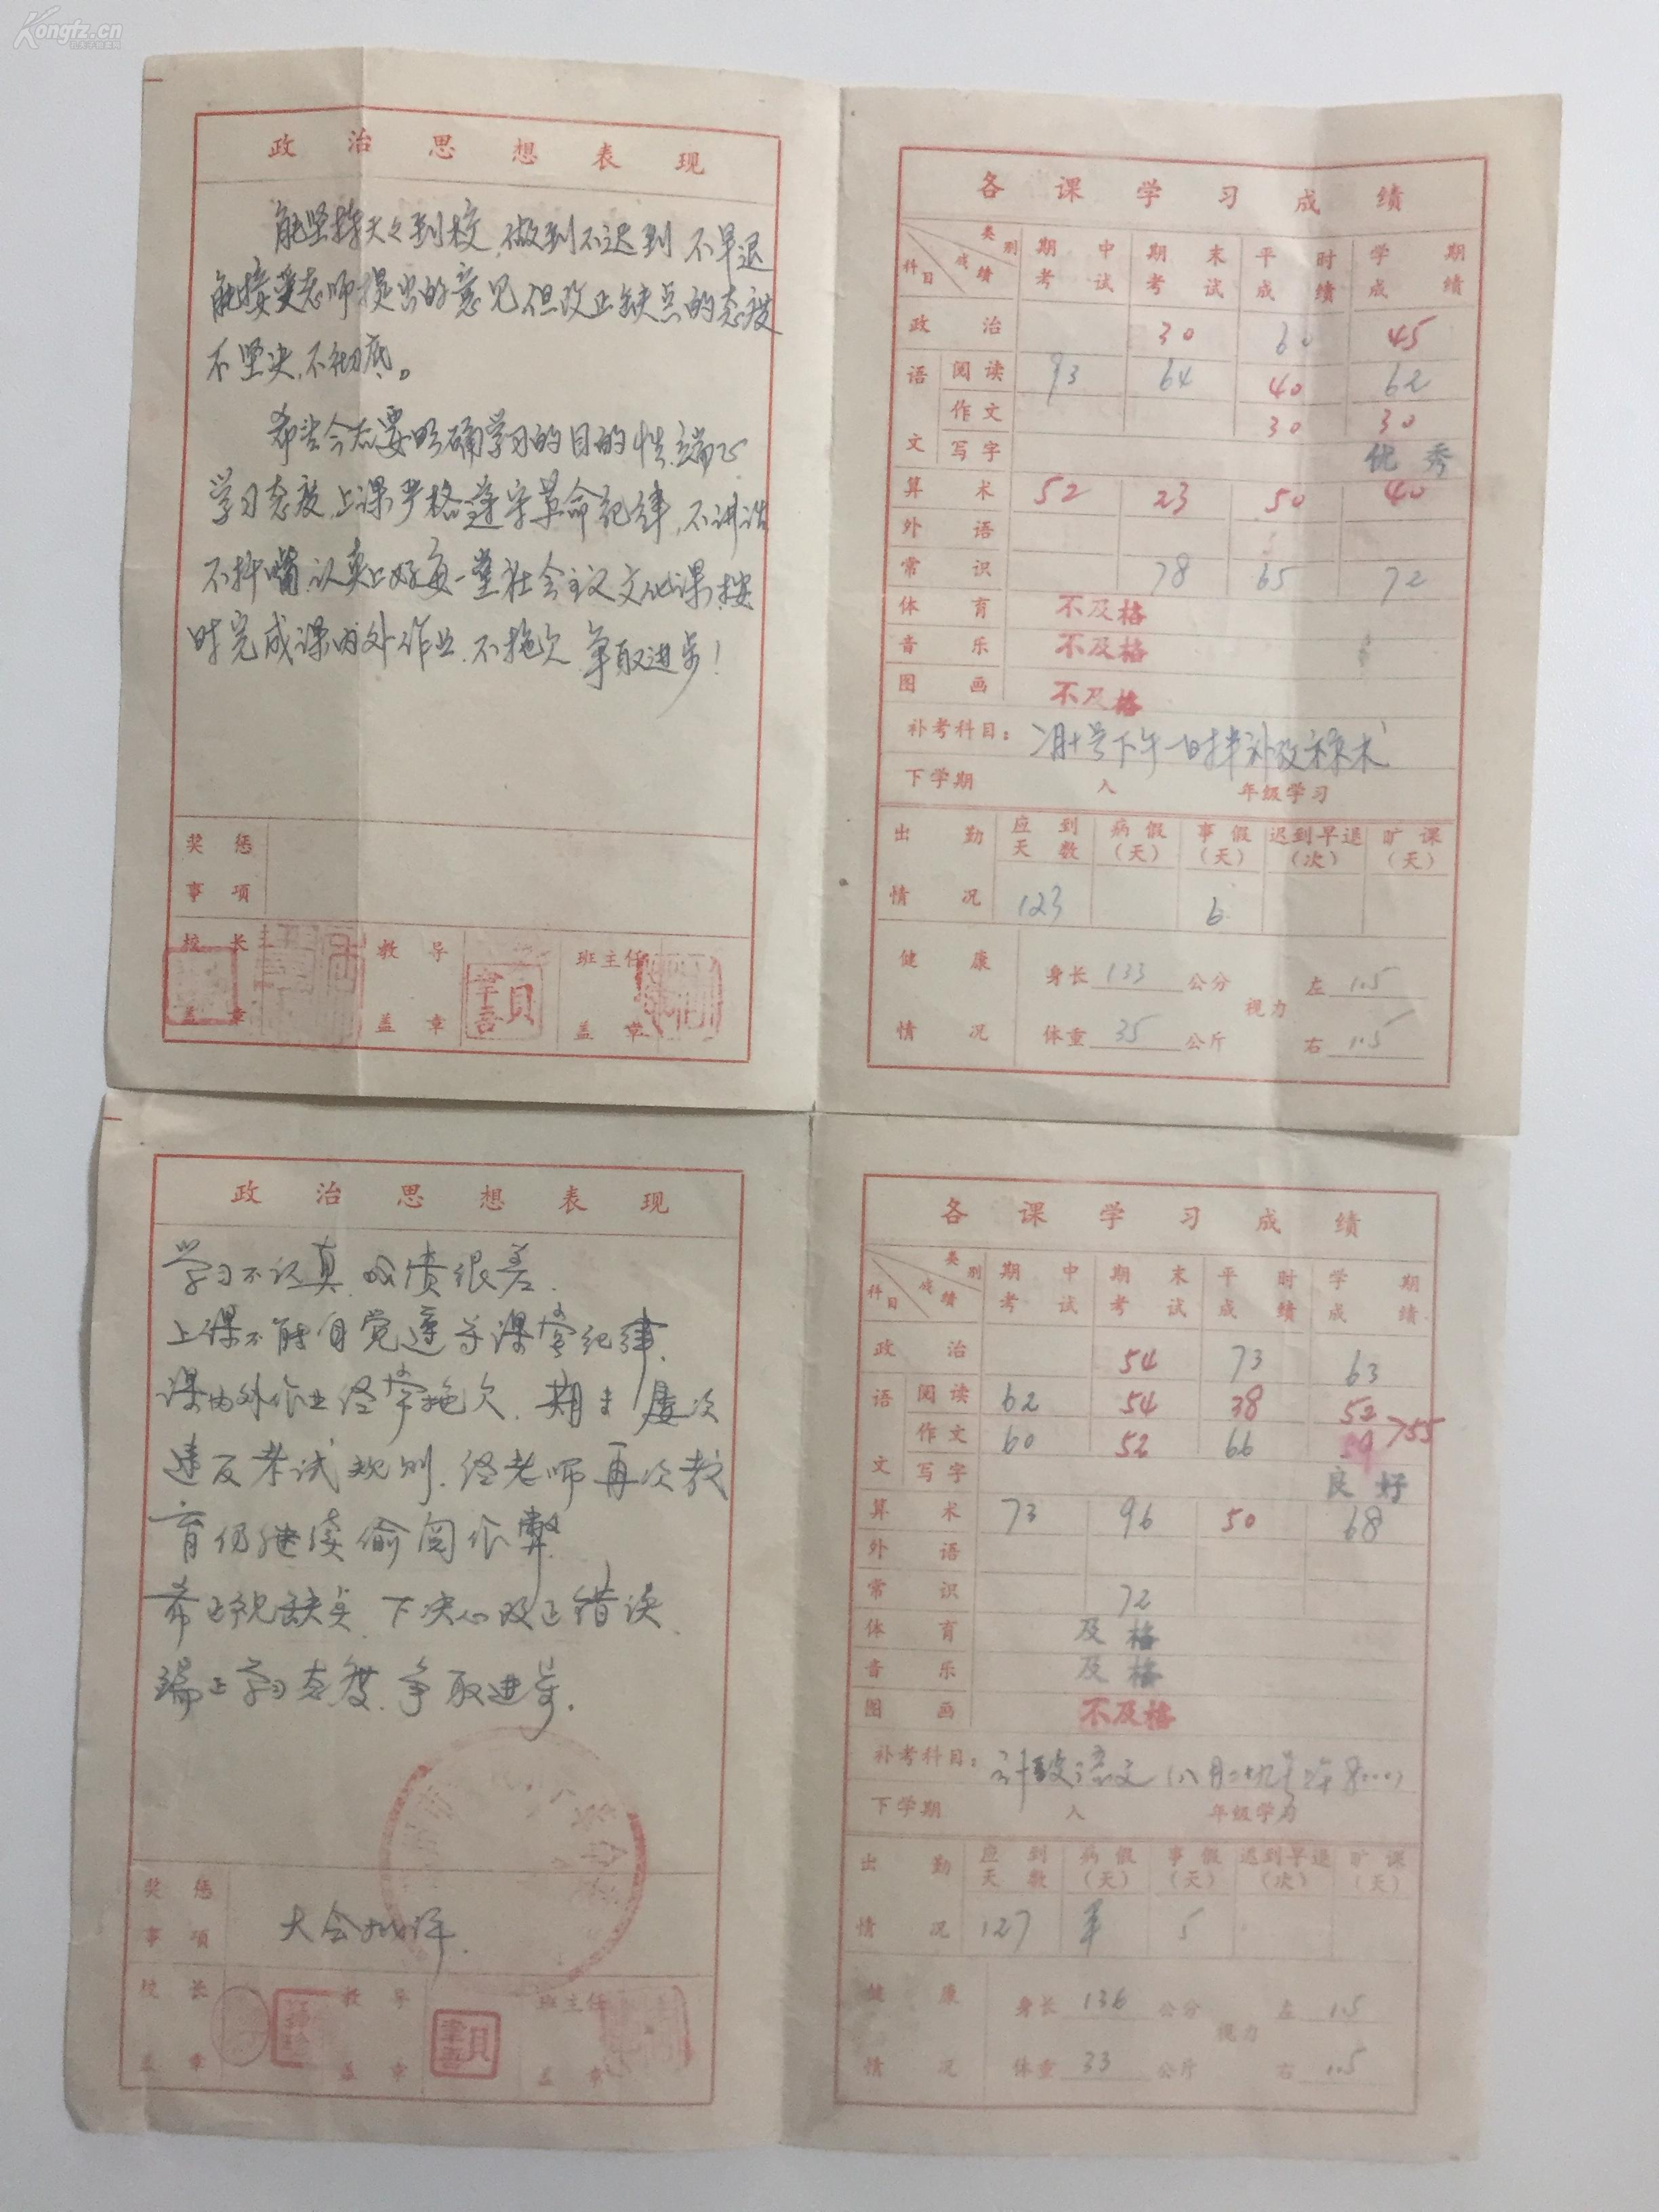 1979年苏州市爱民小学四(1)班《学生情况汇报小学教师国外图片